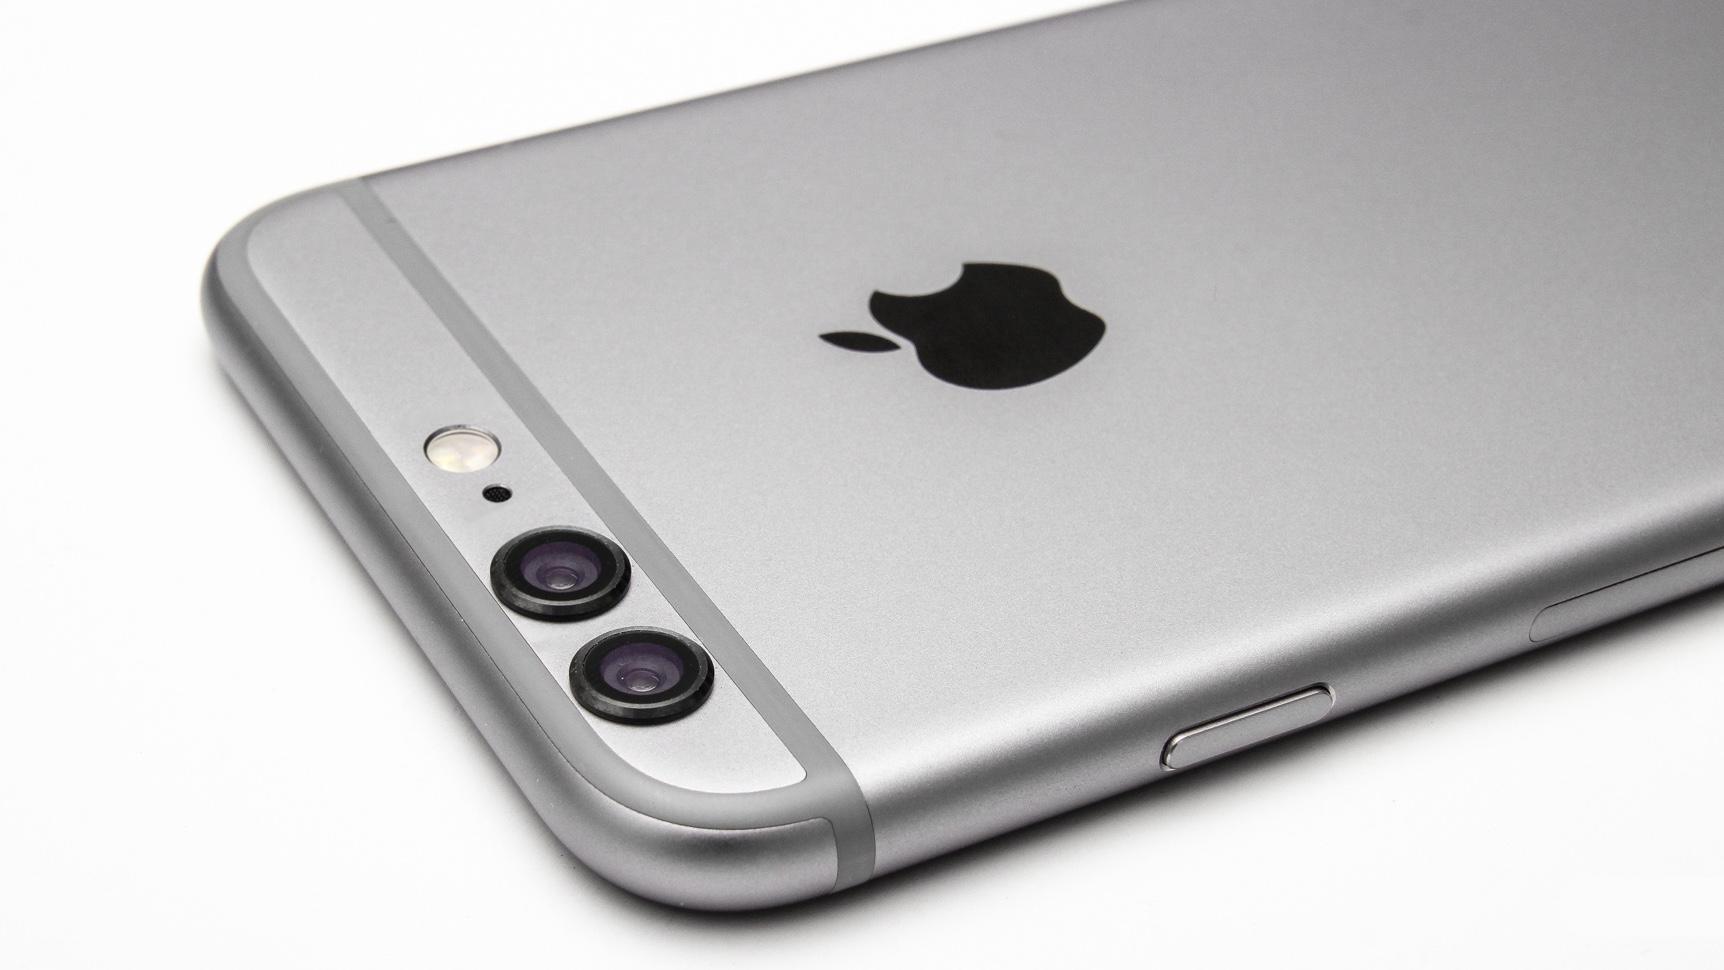 Ориентировочная дата анонса iPhone 7 и iPhone 7 Plus